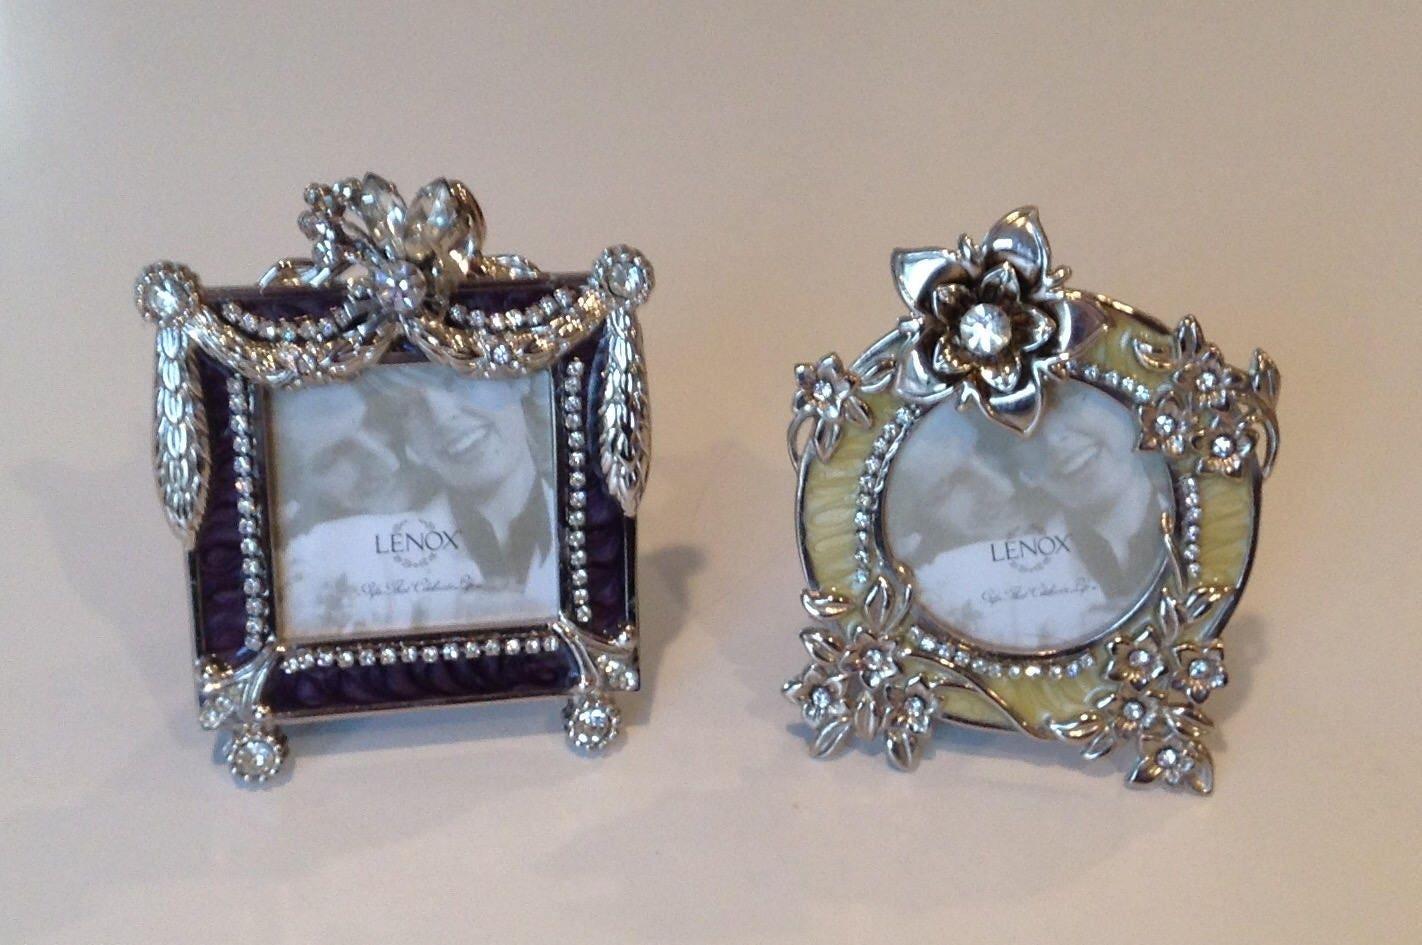 Lenox enamal over metal frames embellished Lenox frames | Etsy